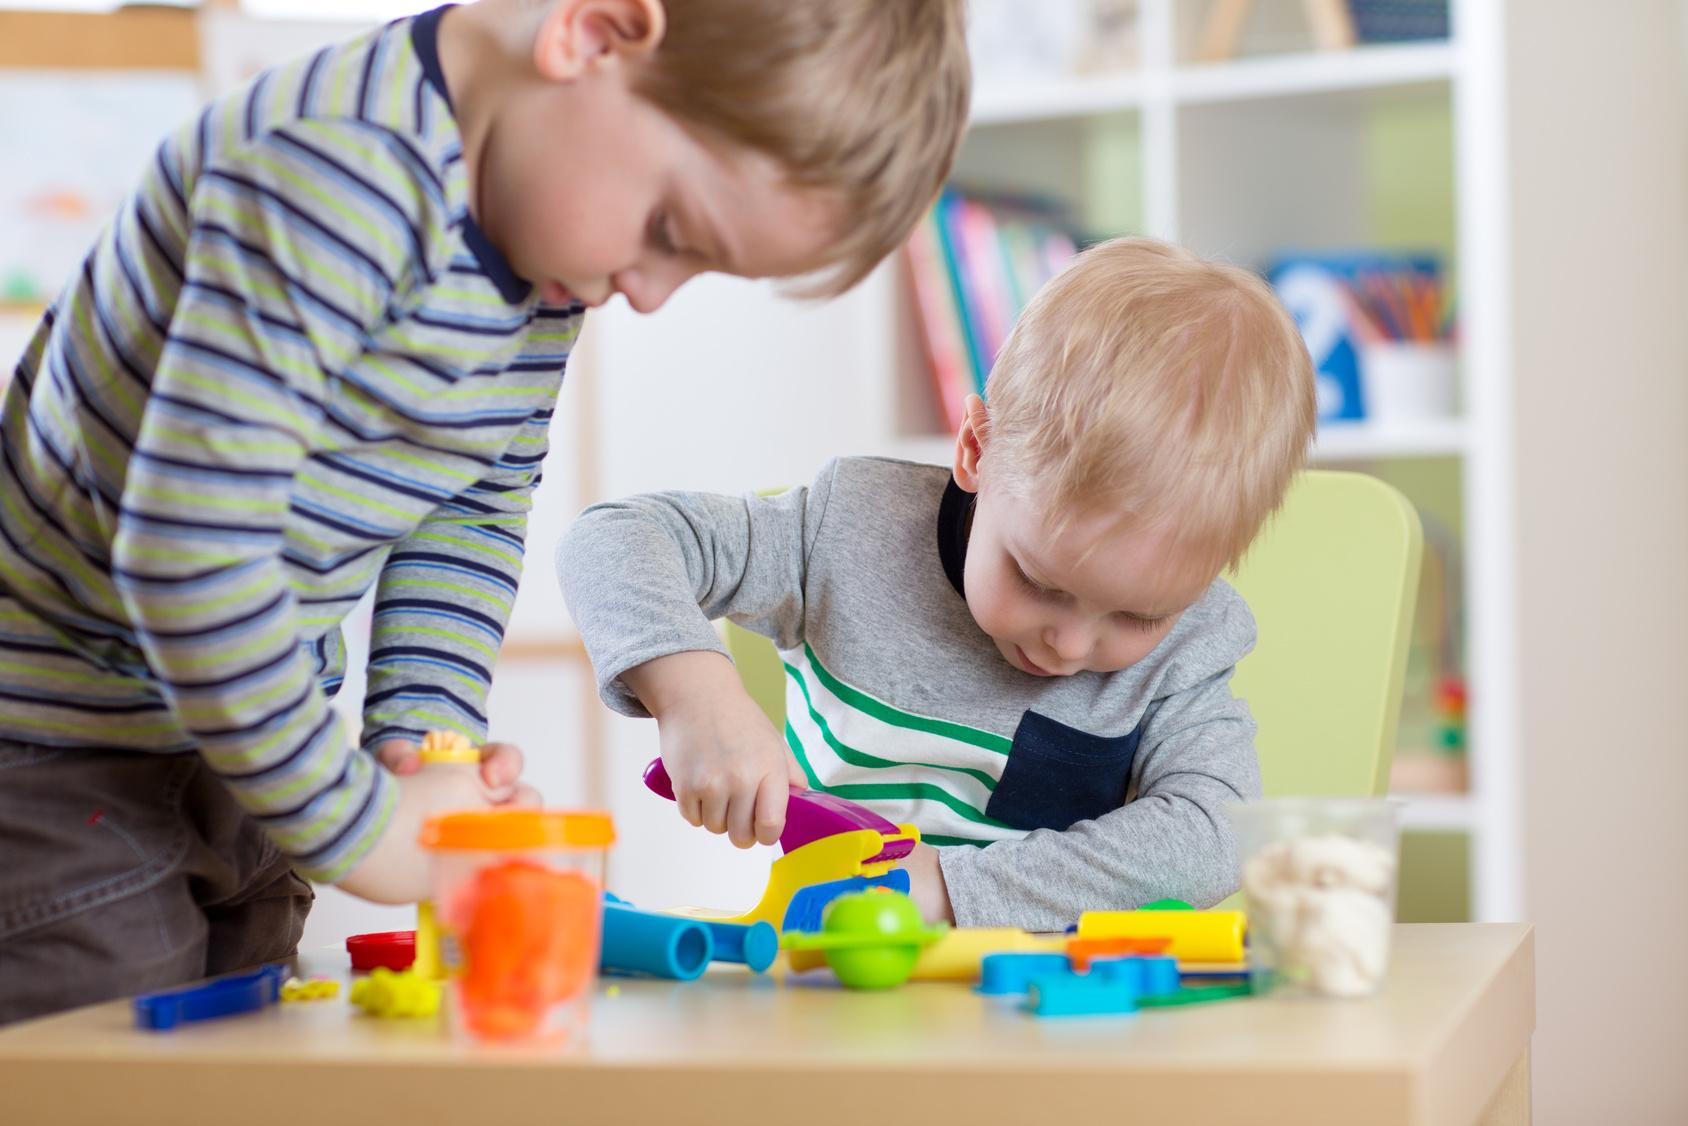 12 Activités Psychomotrices Pour Les 0-3 Ans - Nanny Secours intérieur Jeux Pour Enfant De 3 Ans